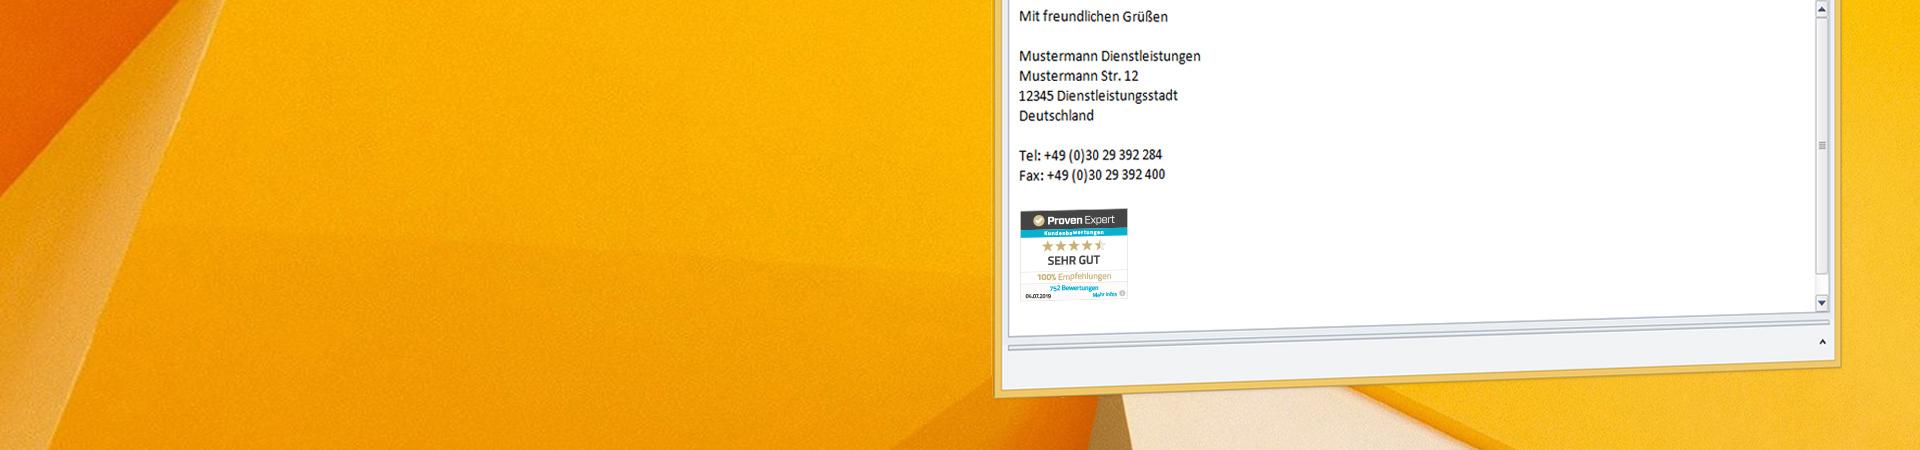 Tutorial: Bewertungssiegel in E-Mail- Signaturen einbinden